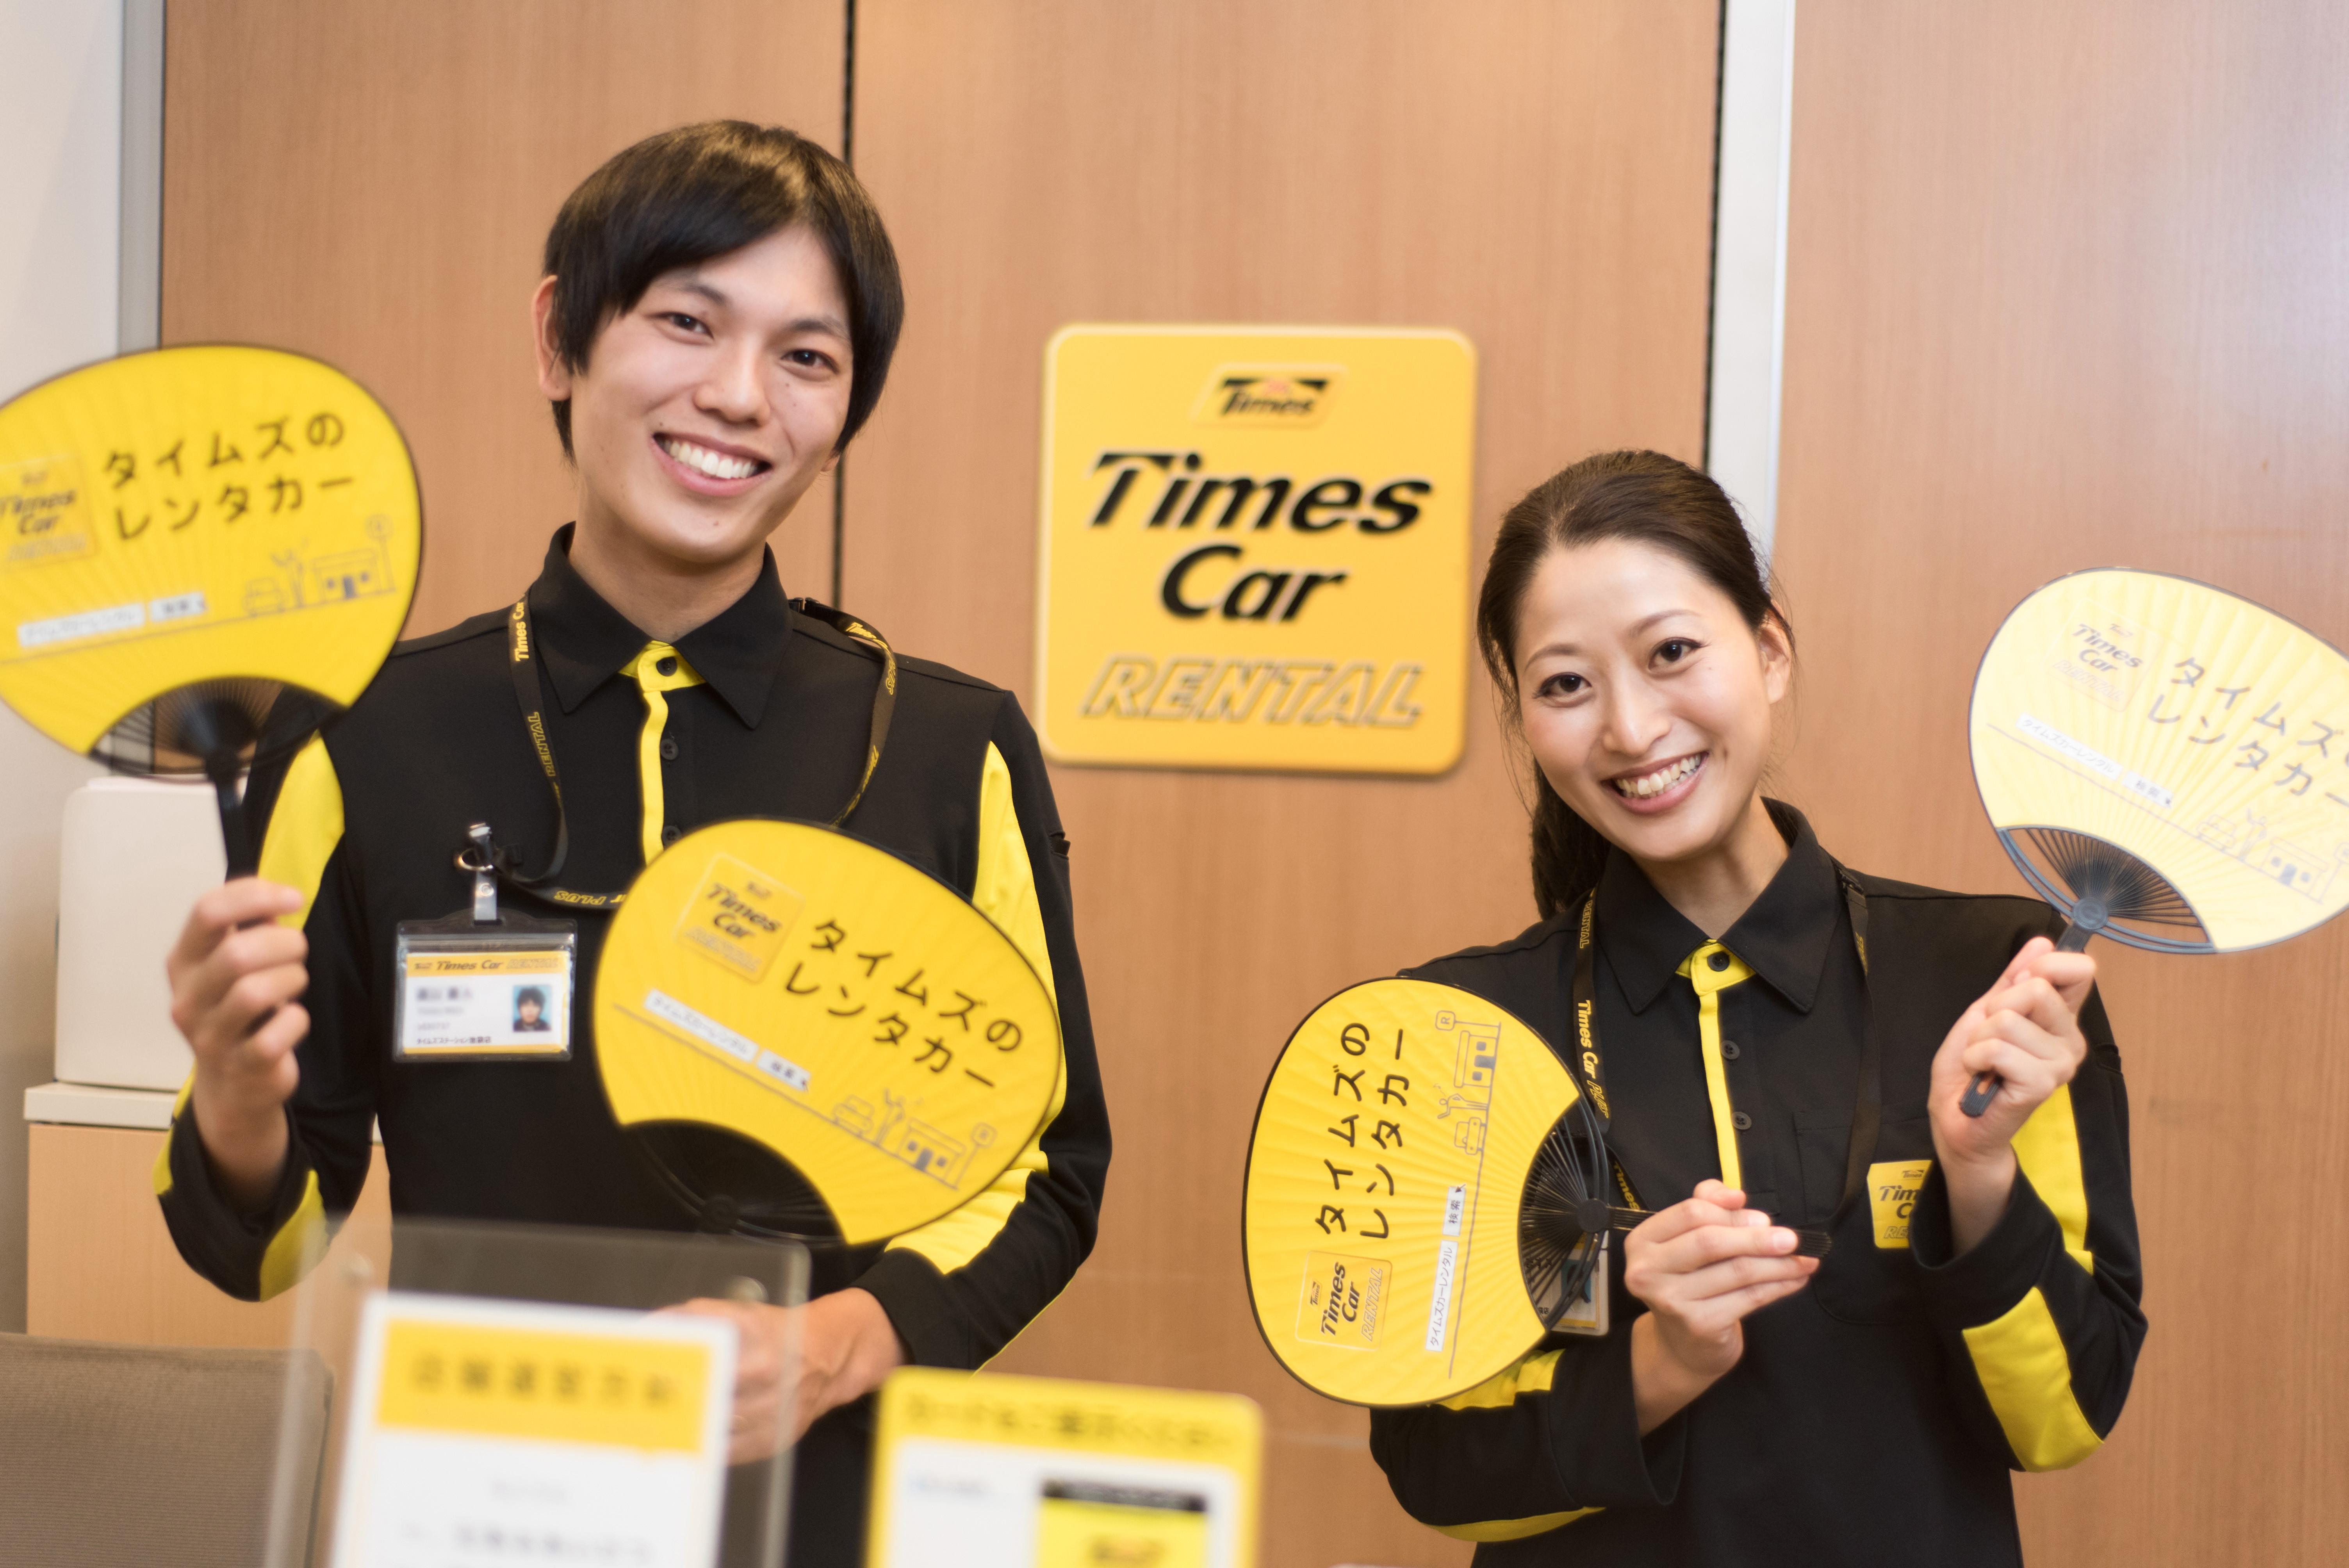 タイムズカーレンタル 香椎店 のアルバイト情報